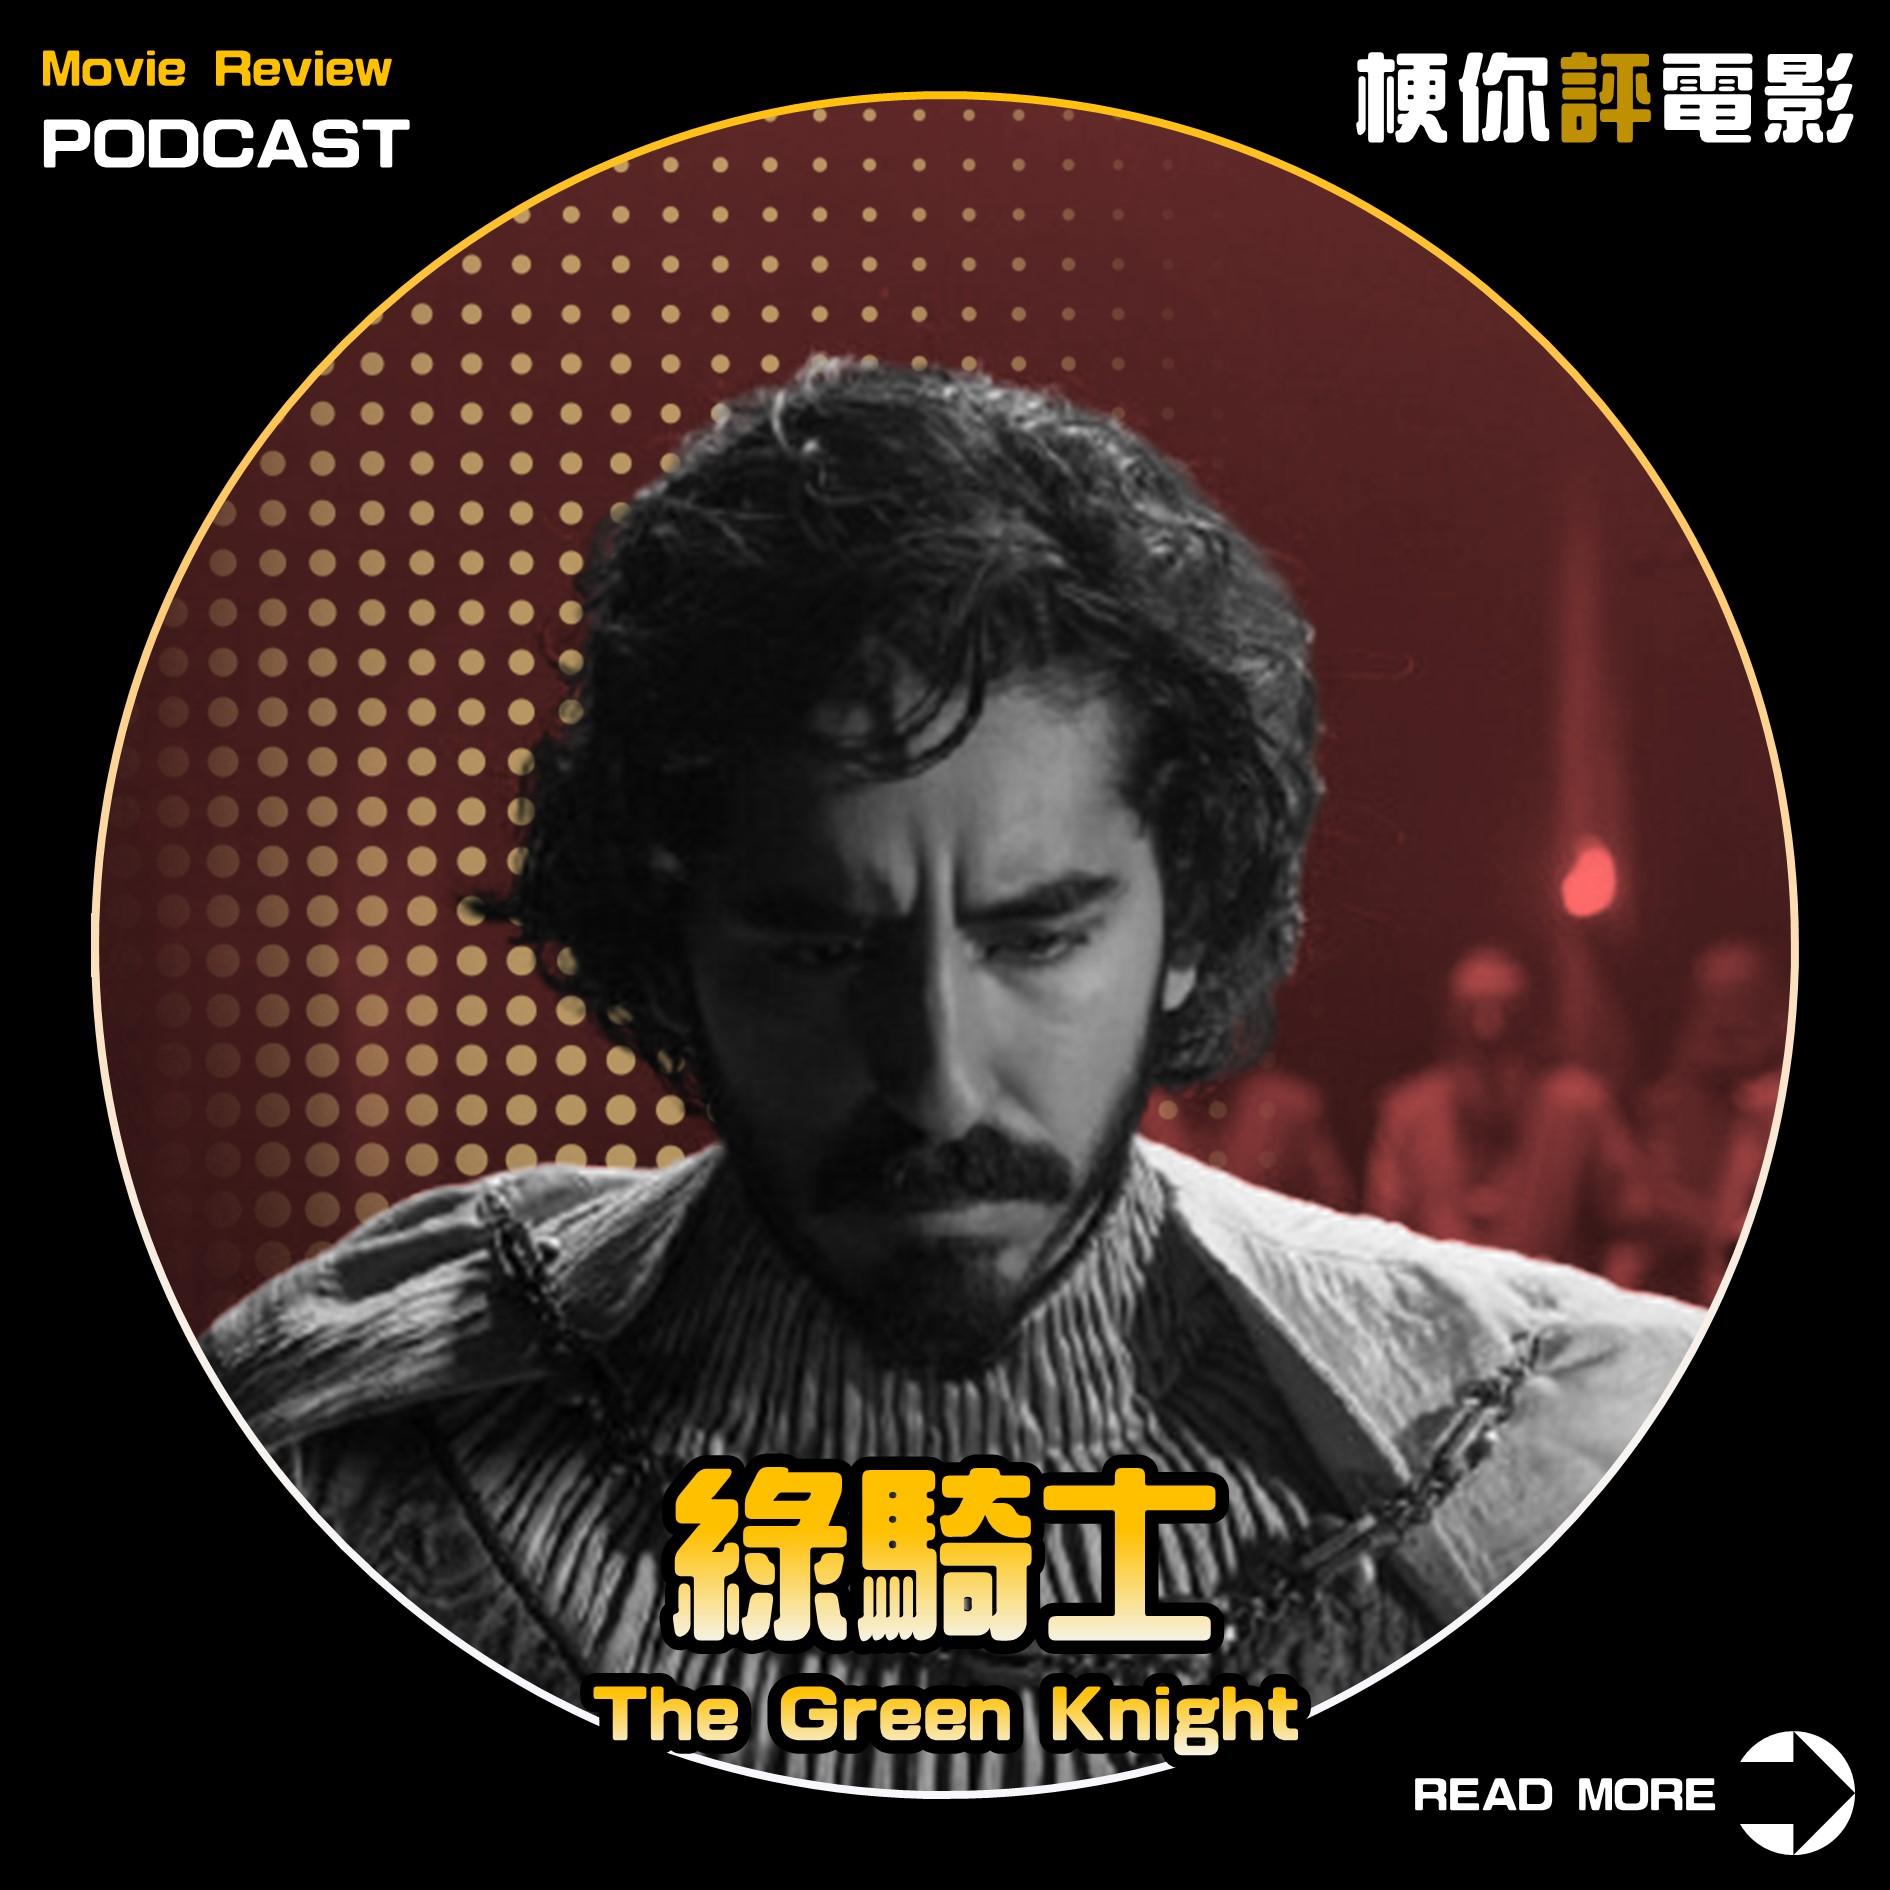 【梗你評電影】《綠騎士》The Green Knight | 綠色是自然和死亡的顏色| 綠衣騎士 || PODCAST XXY + JERICHO